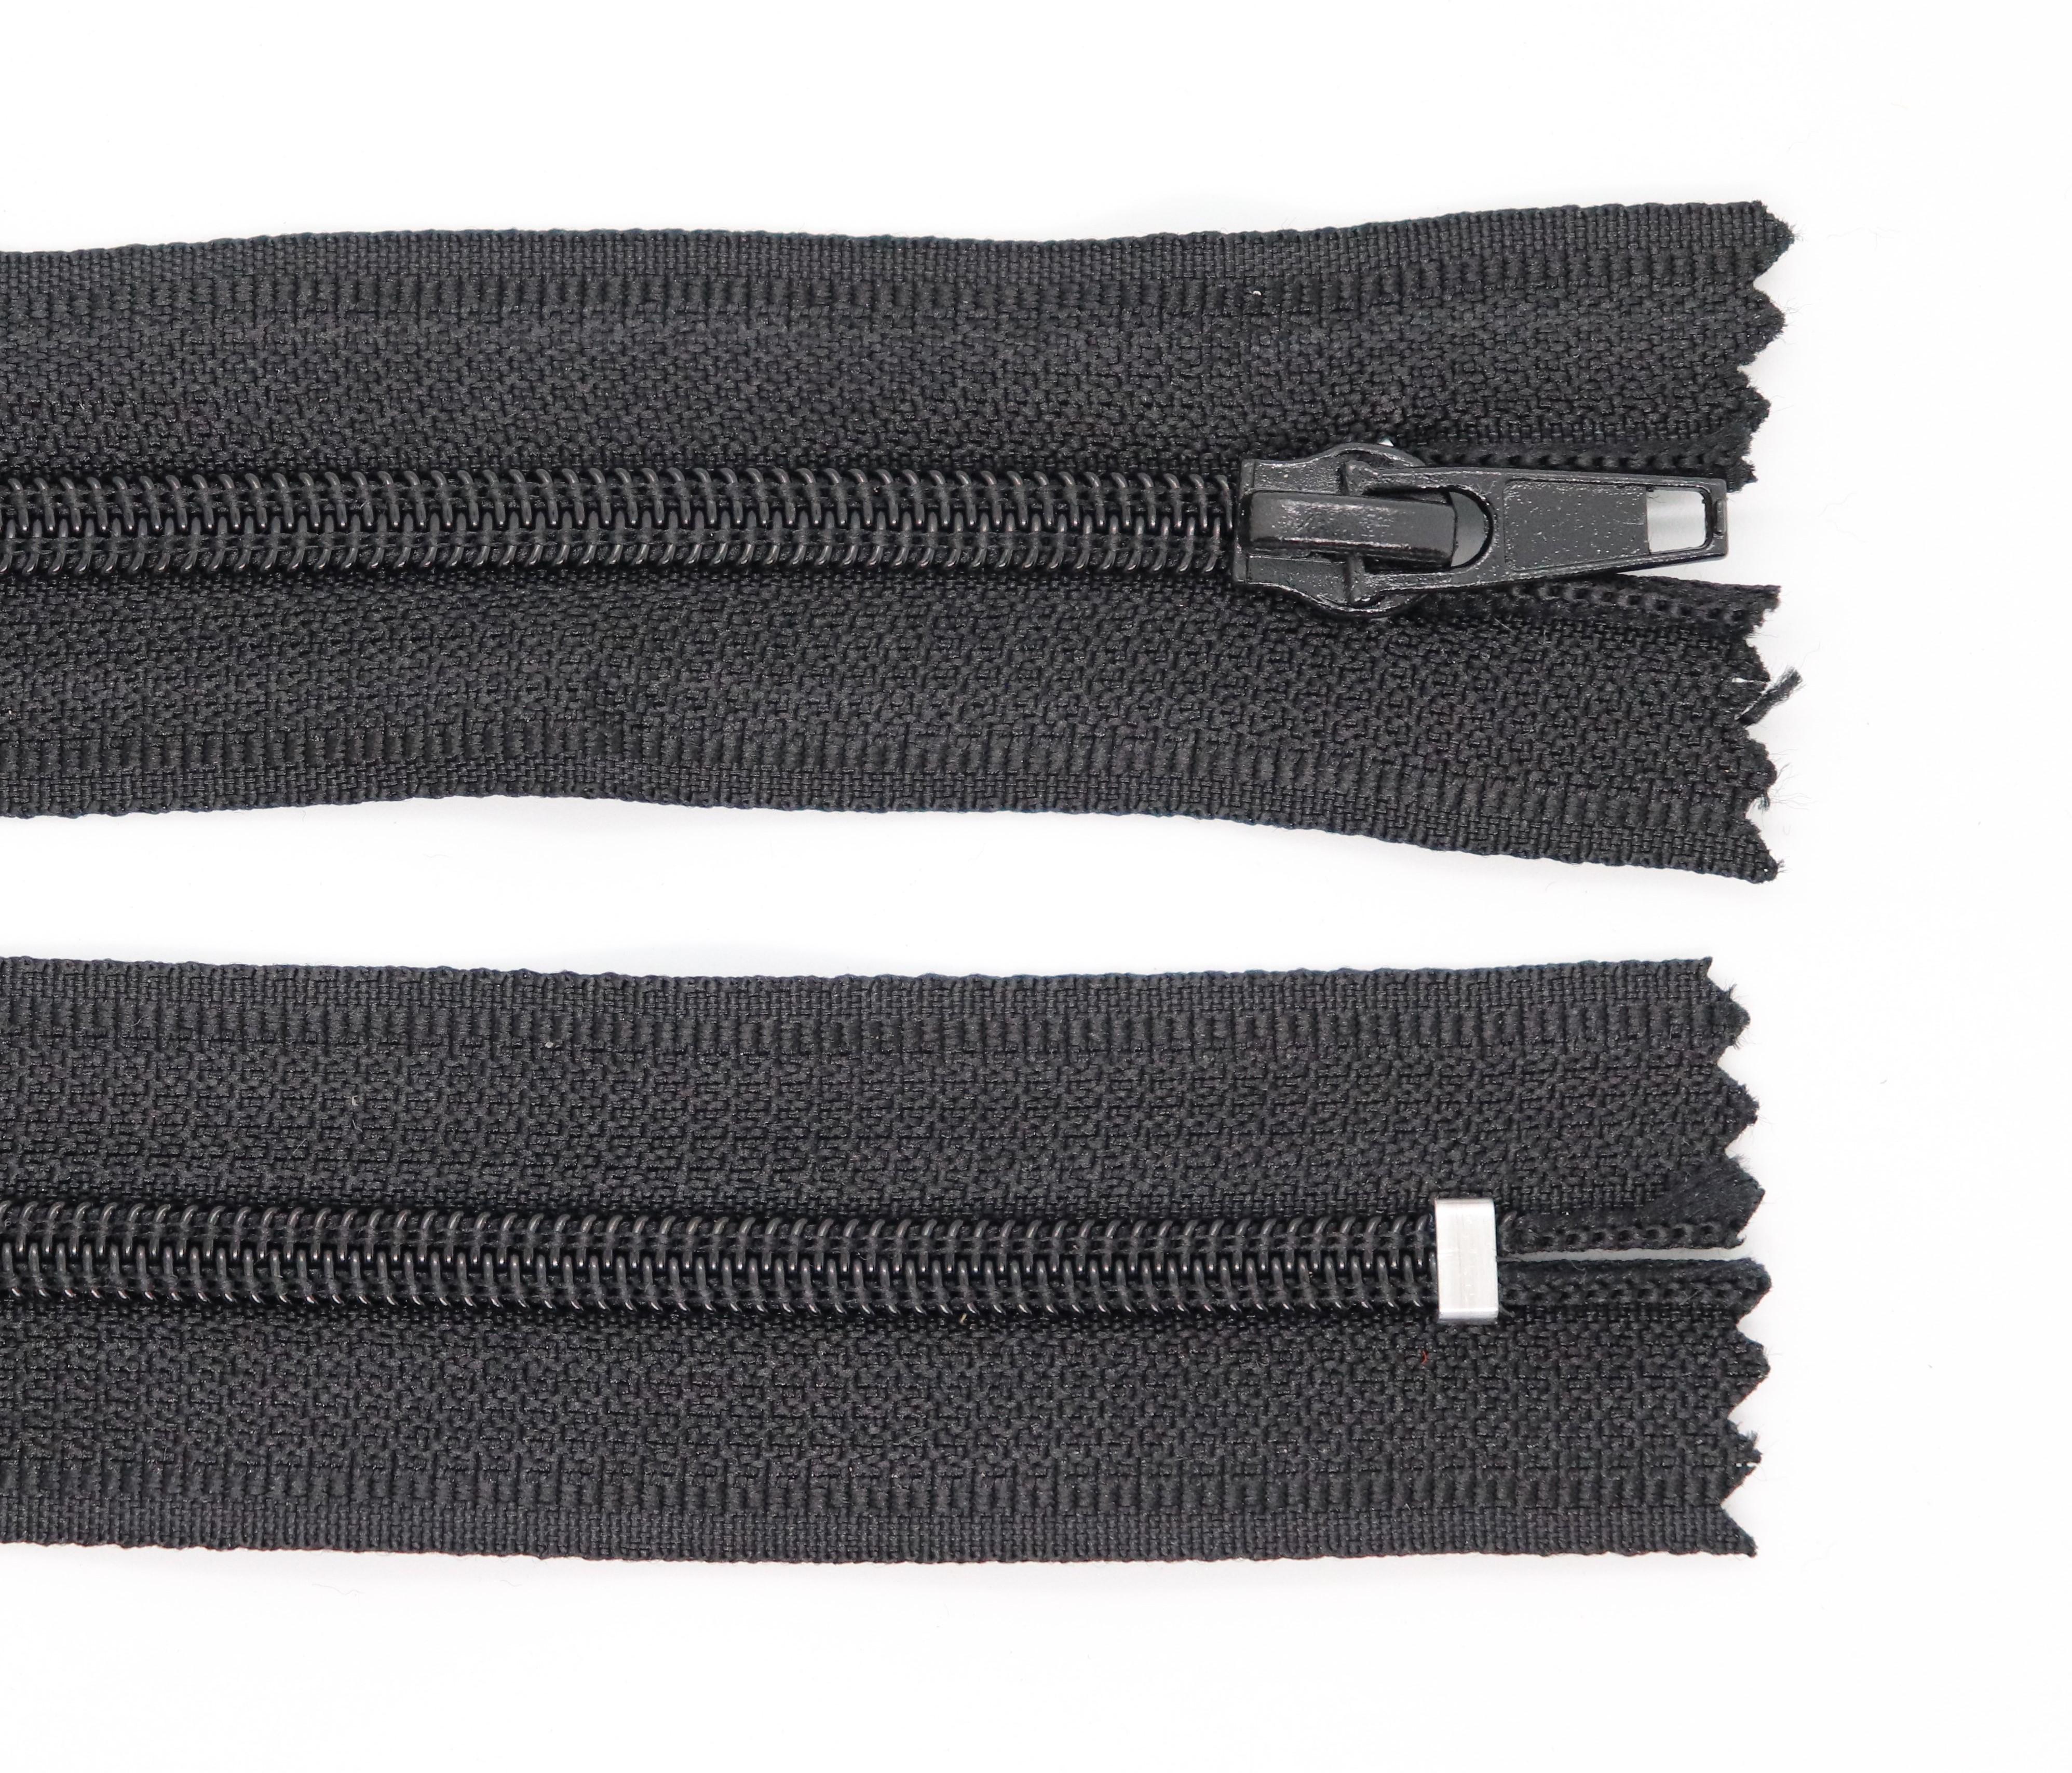 Spirálový zip šíøe 5 mm délka 16 cm nedìlitelný - zvìtšit obrázek